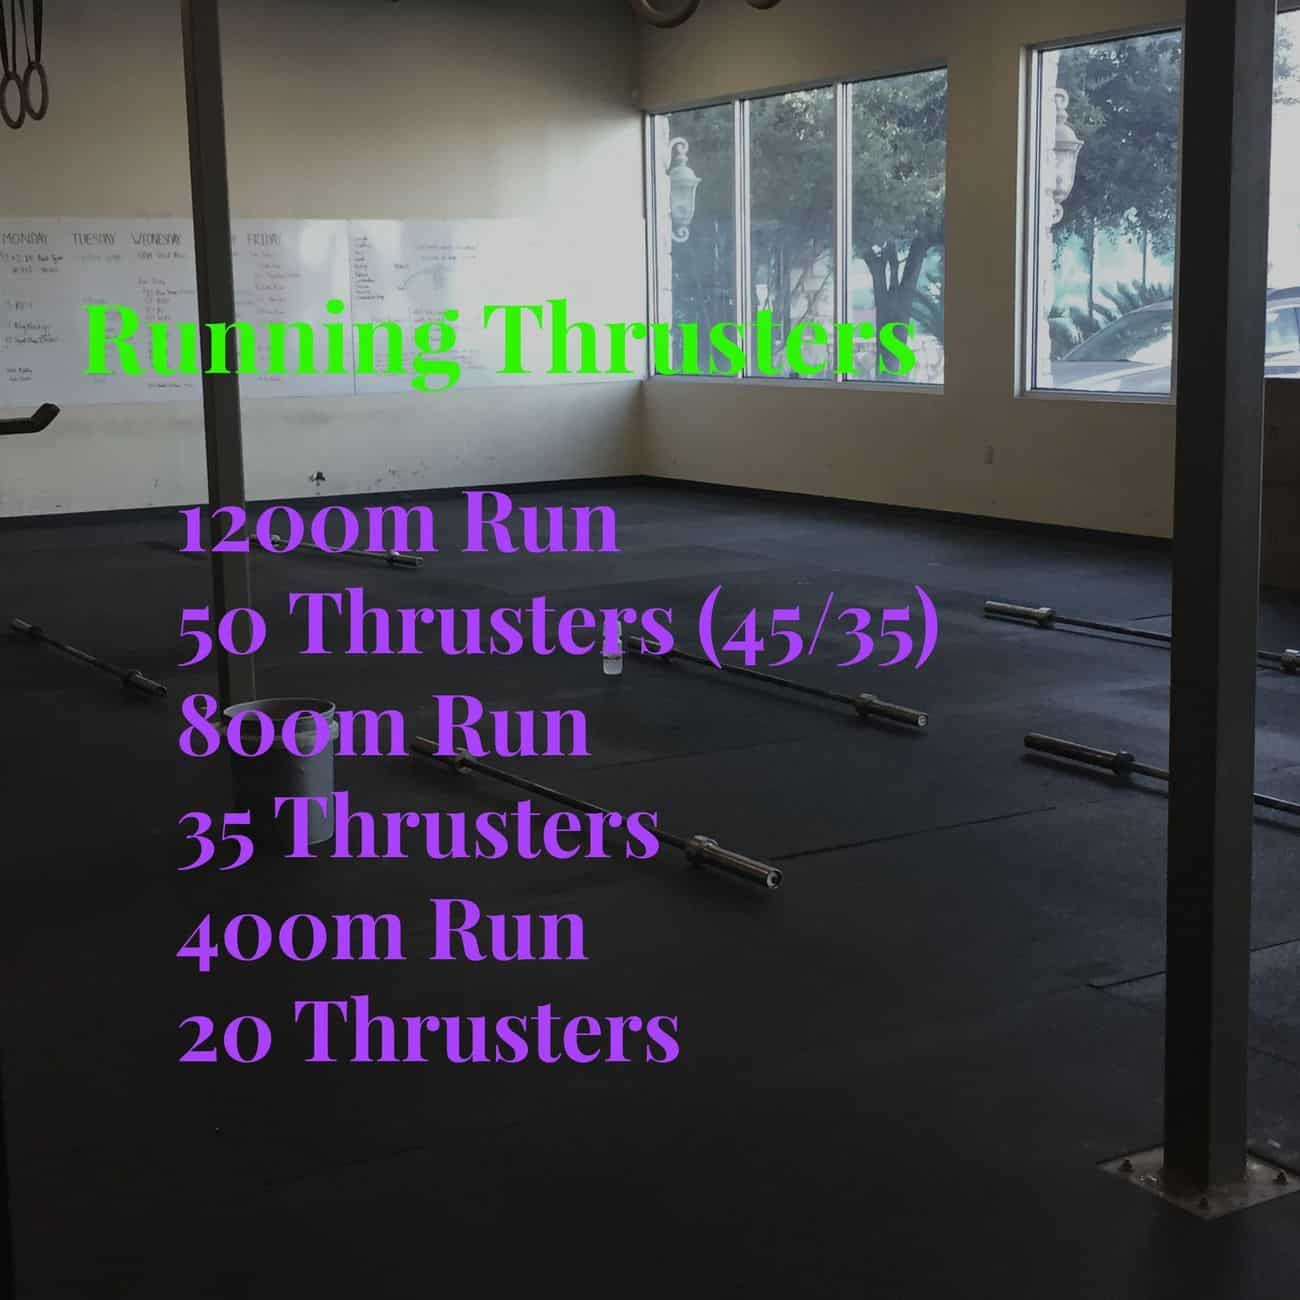 Running and Thruster WOD